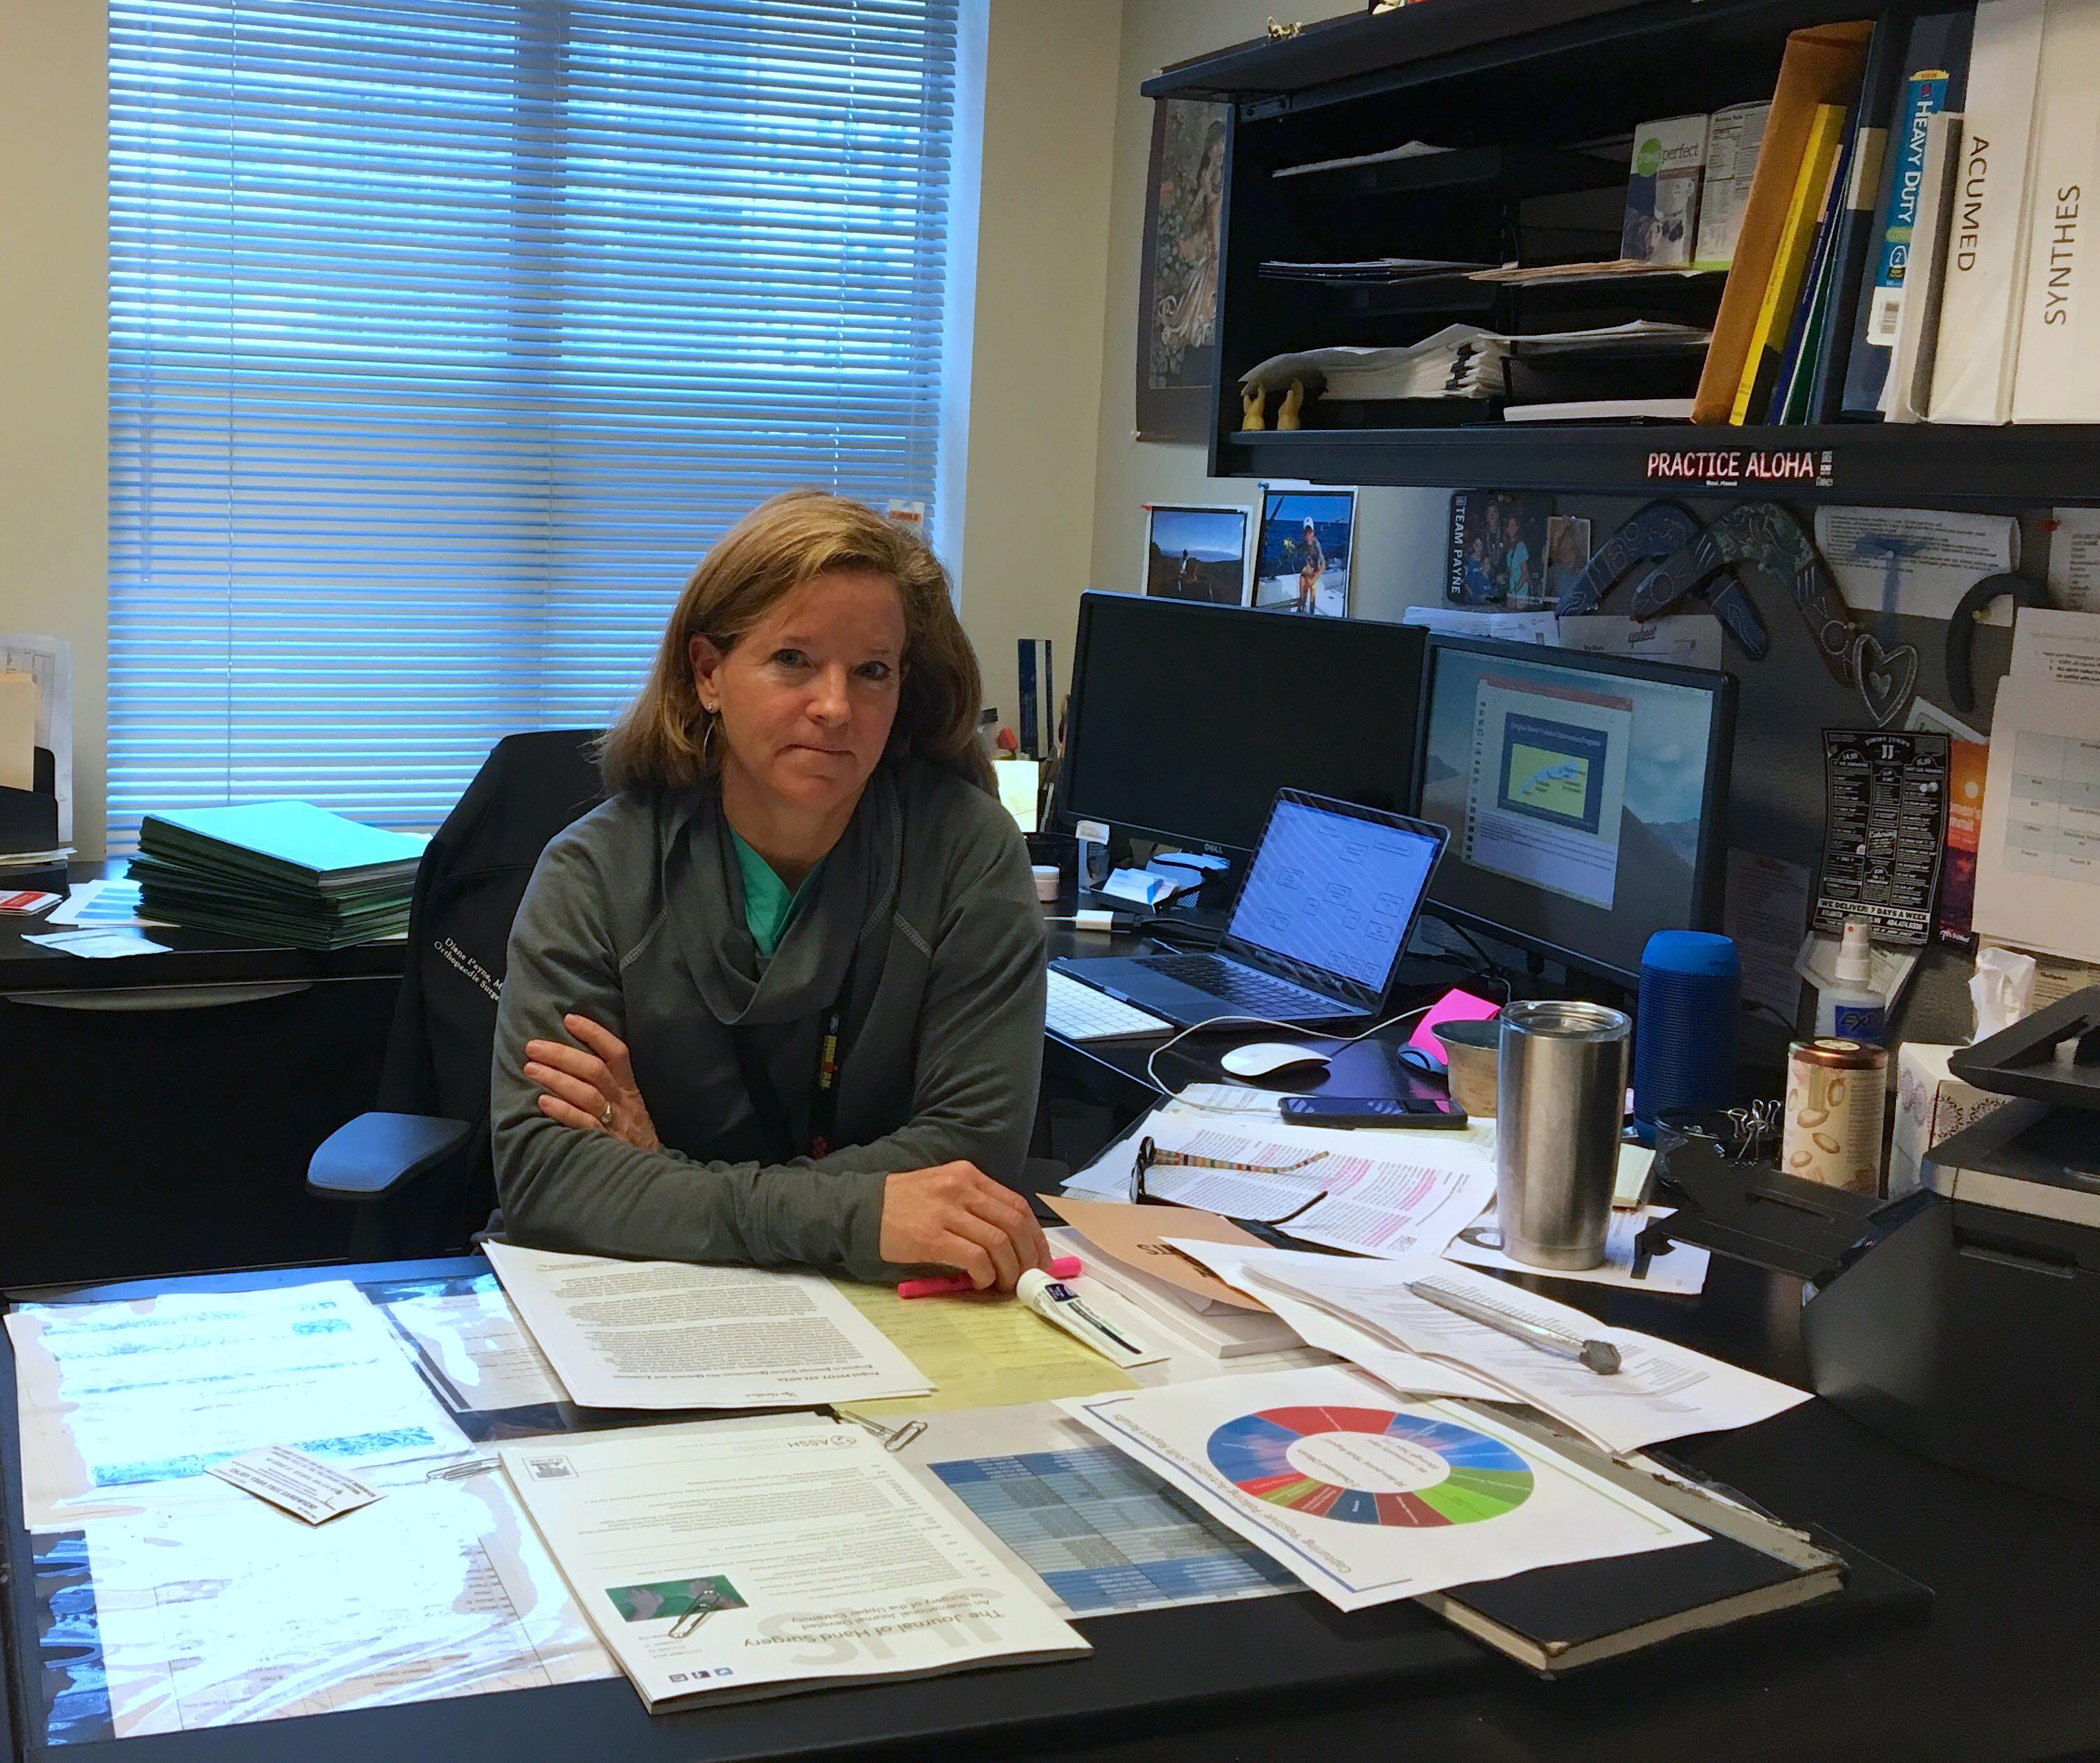 Lisa Hagen, WABE